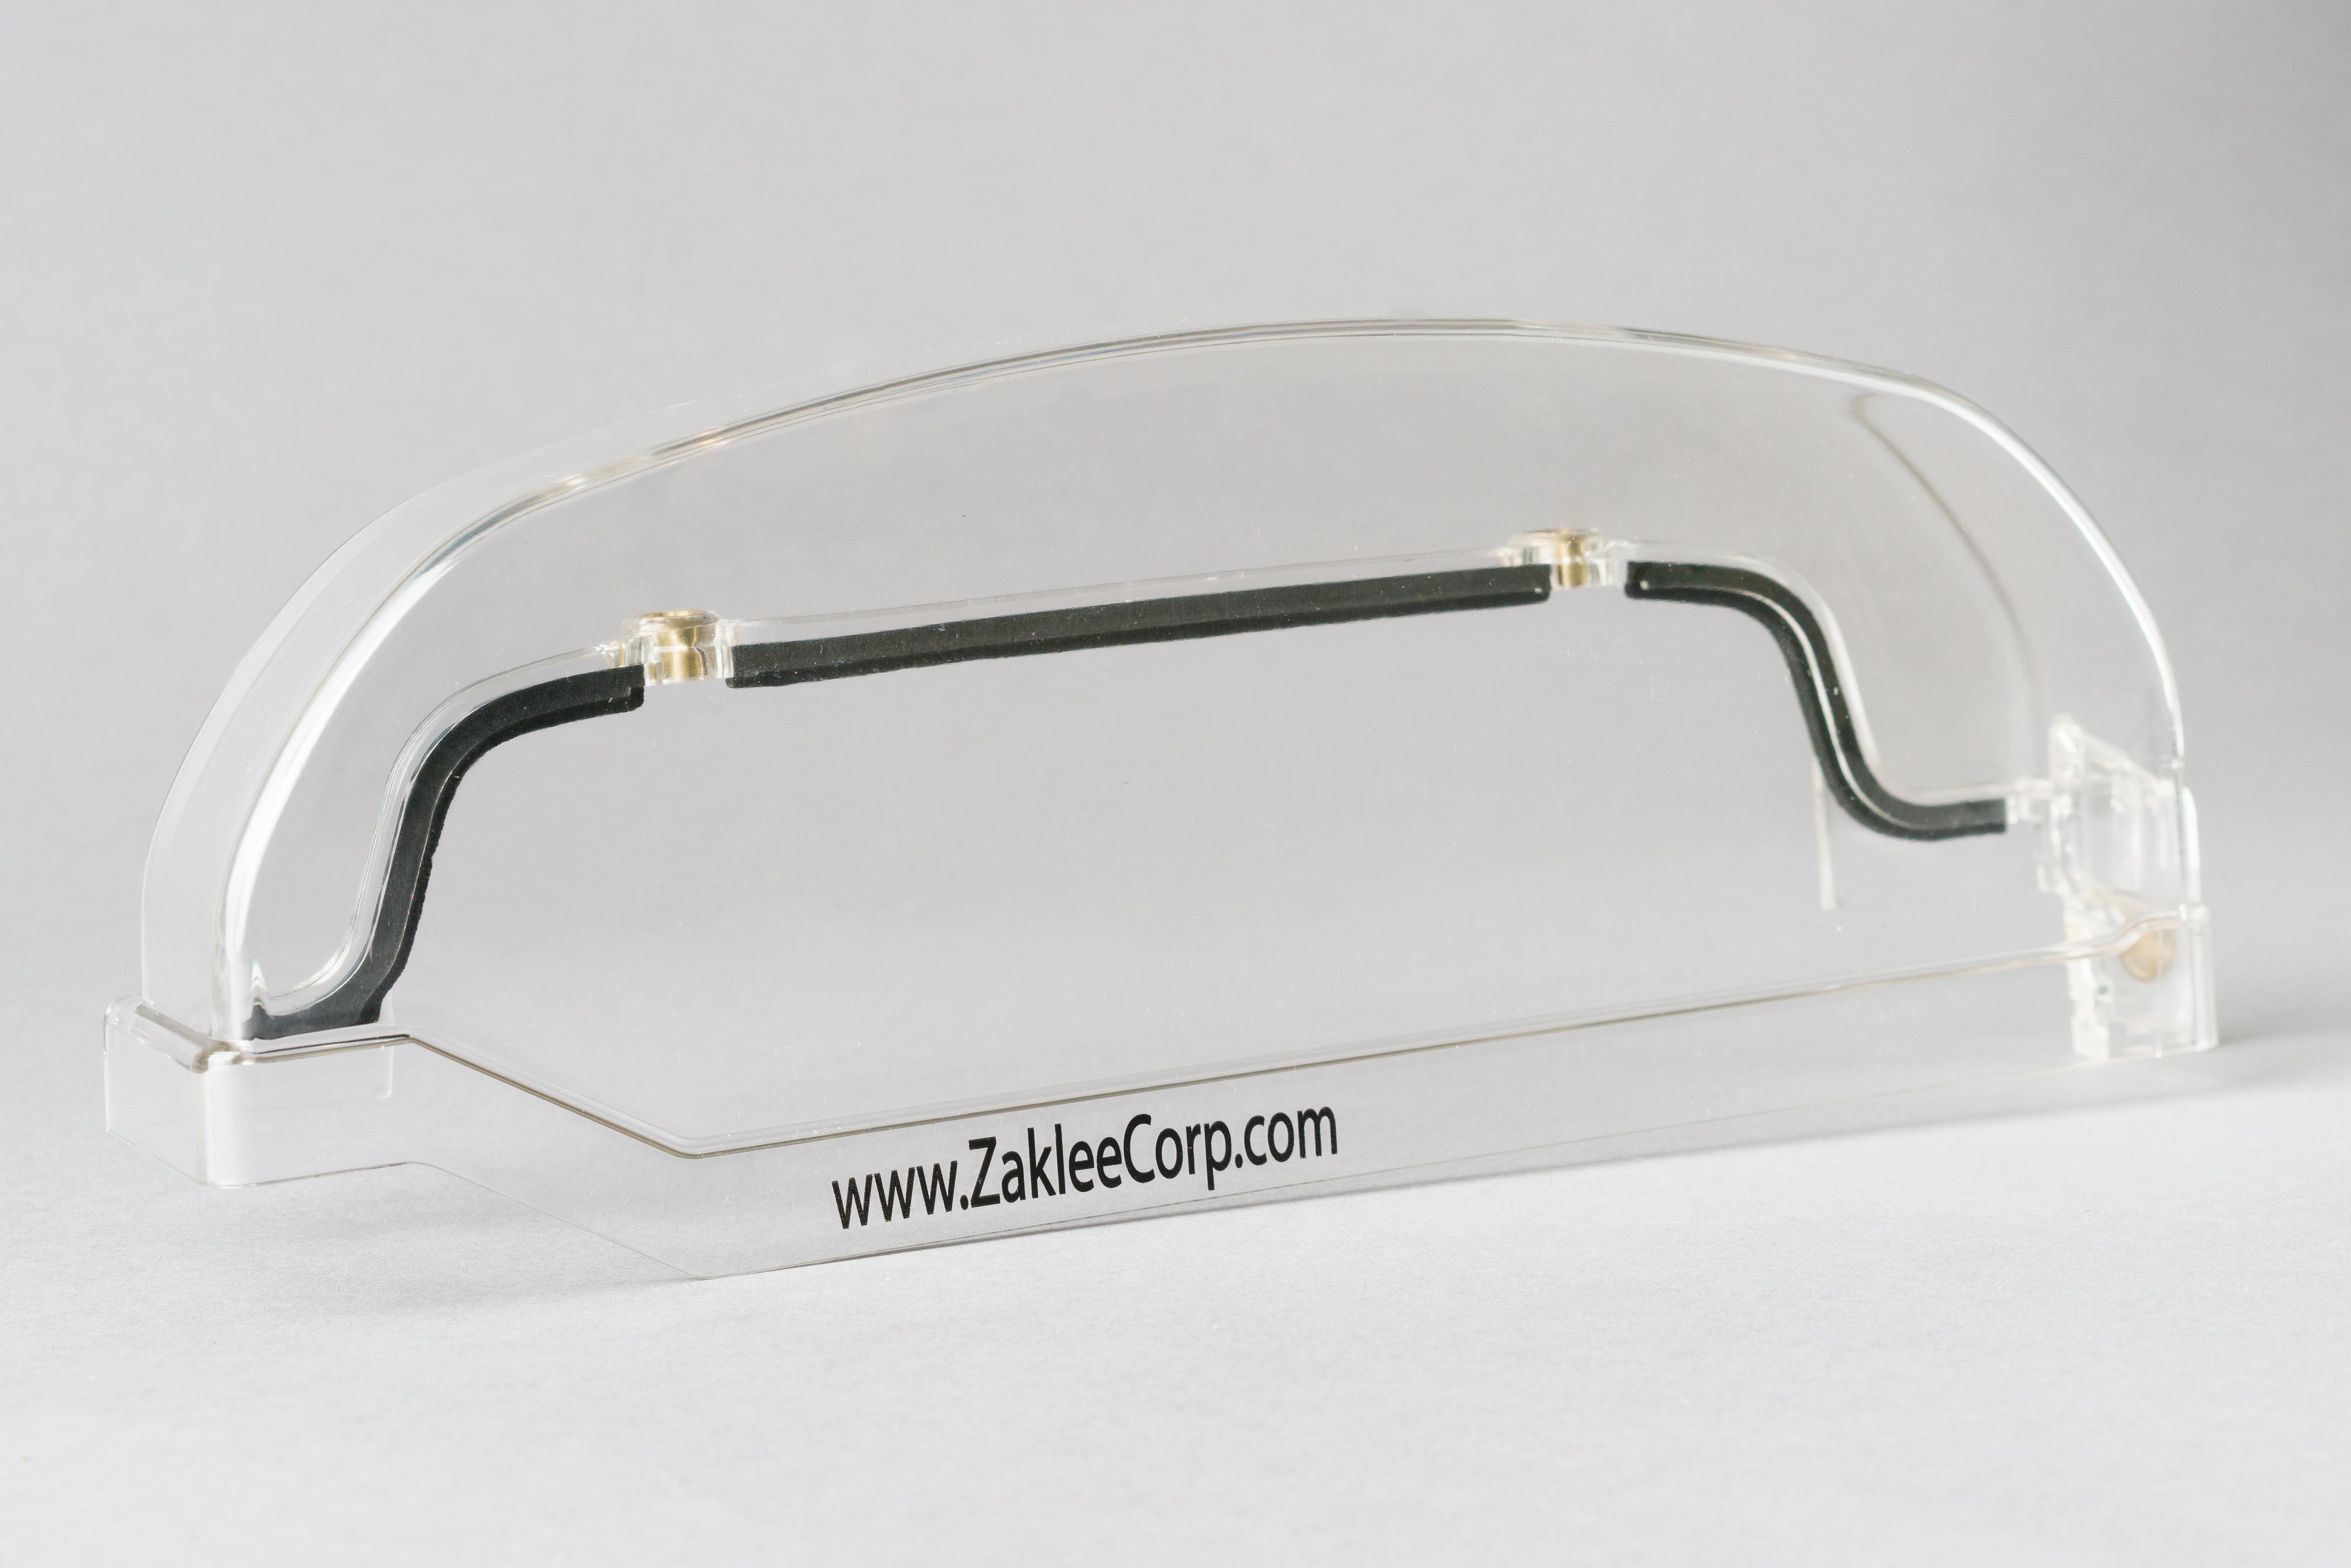 Mitsubishi Lancer Evo 1 2 3 Timing Belt Cover Adjustable Cam Dsm 4g63 Clear Gear